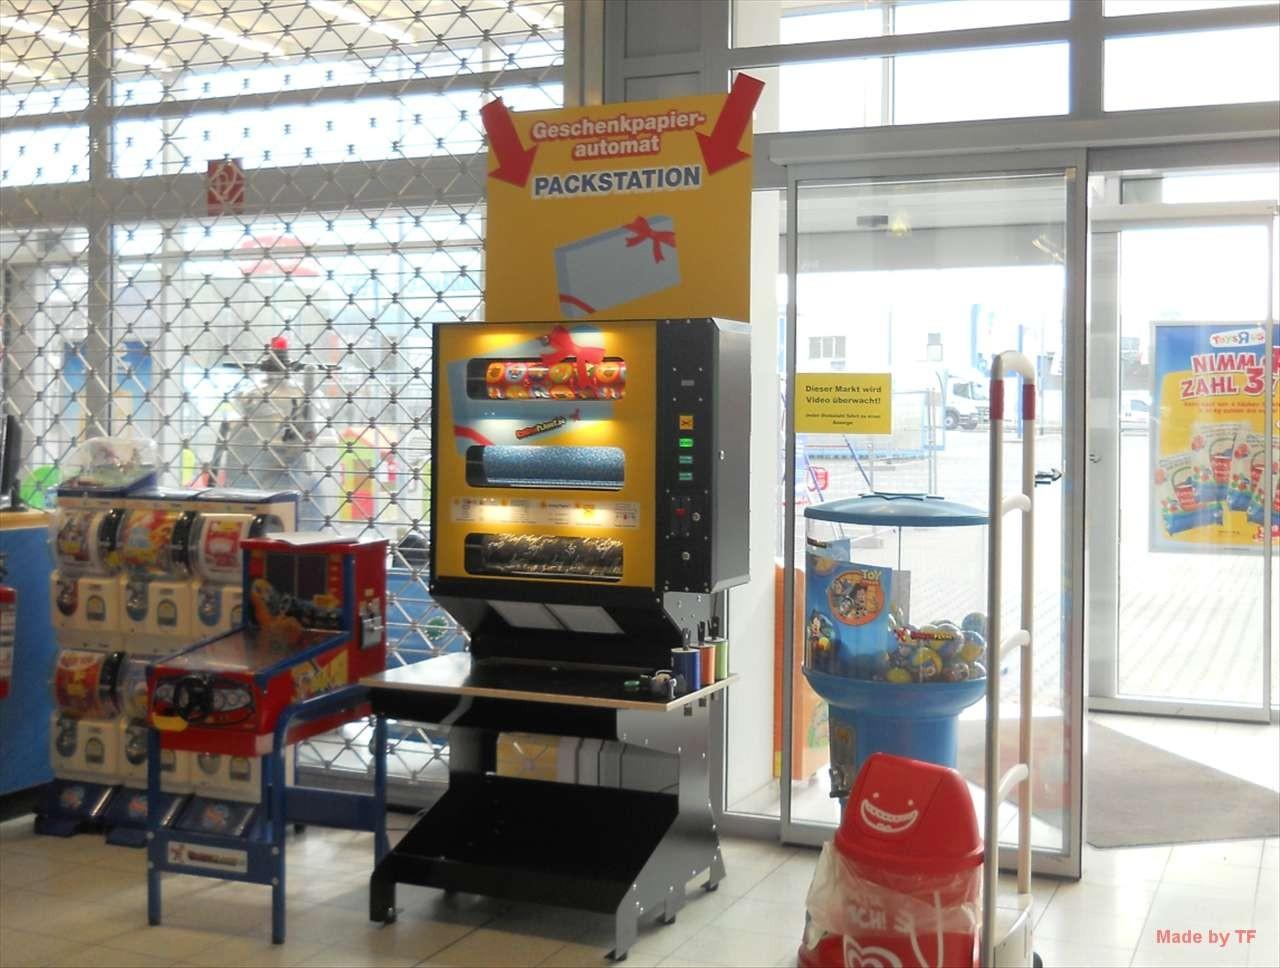 Geschenkpapier-Automat mit Packstation